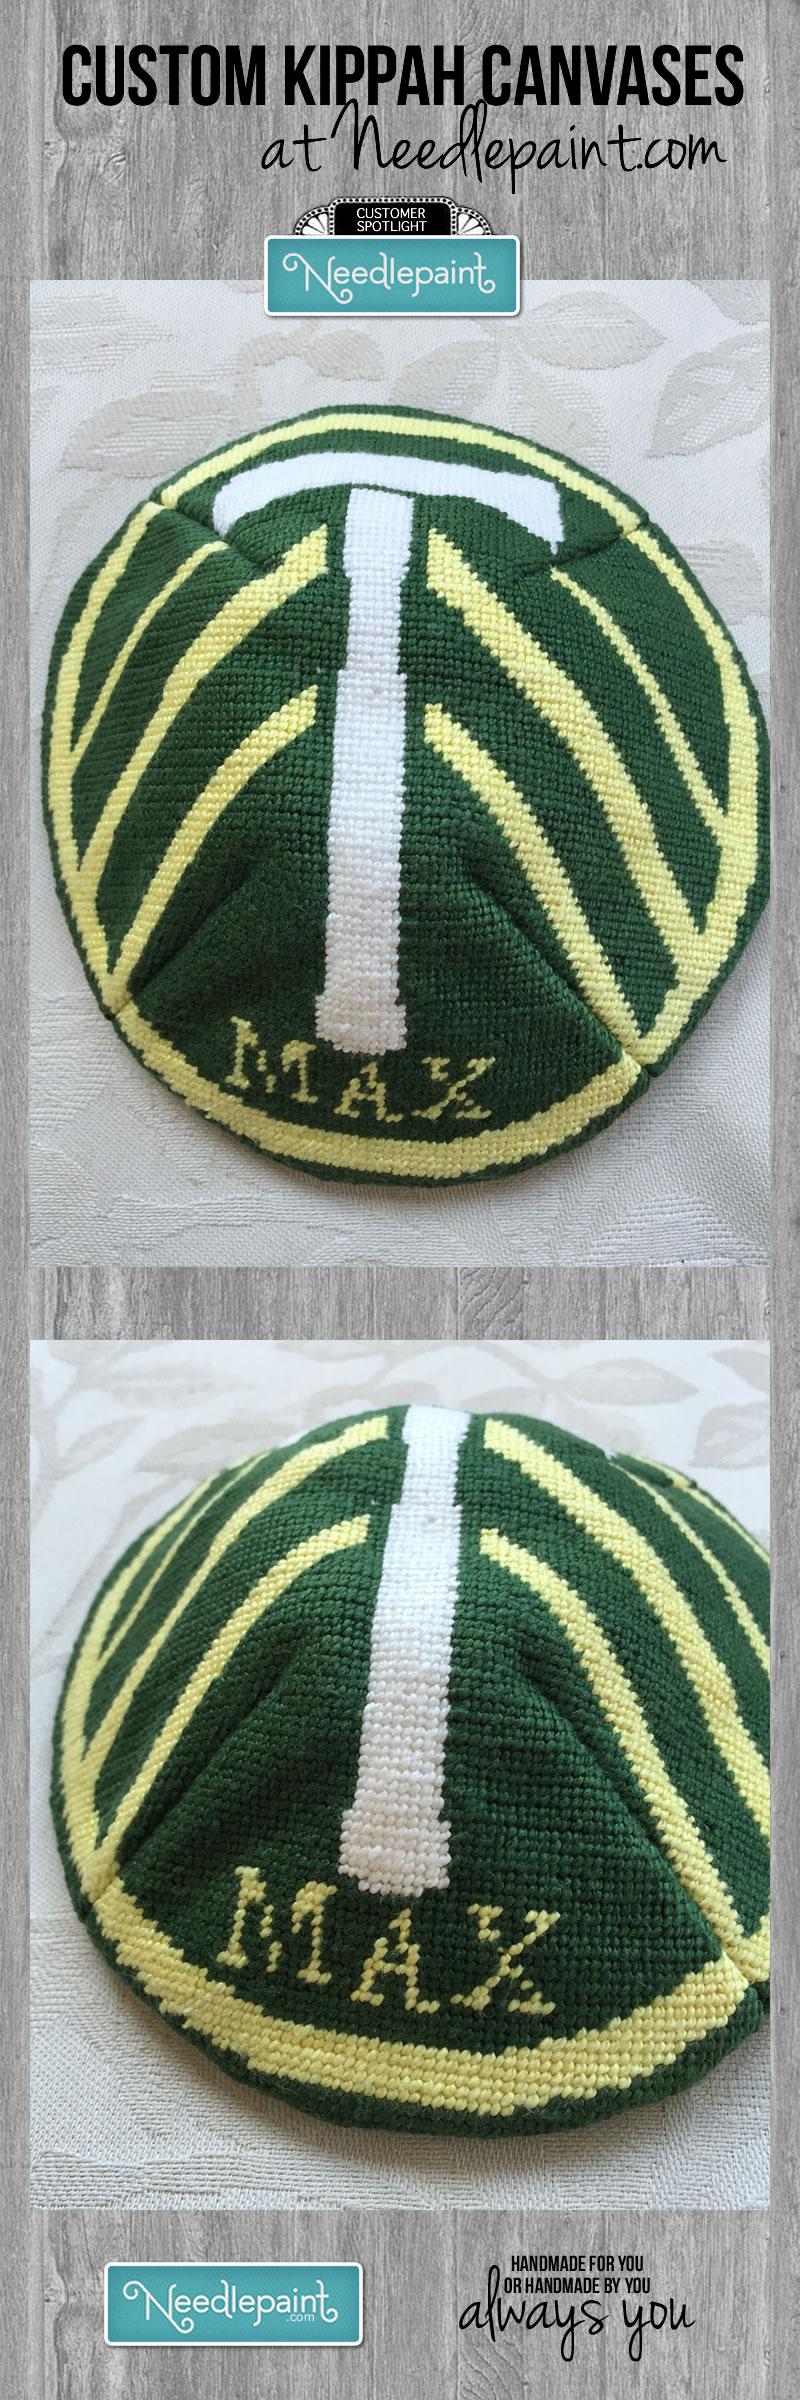 Custom Needlepoint Kippah Yarmulke